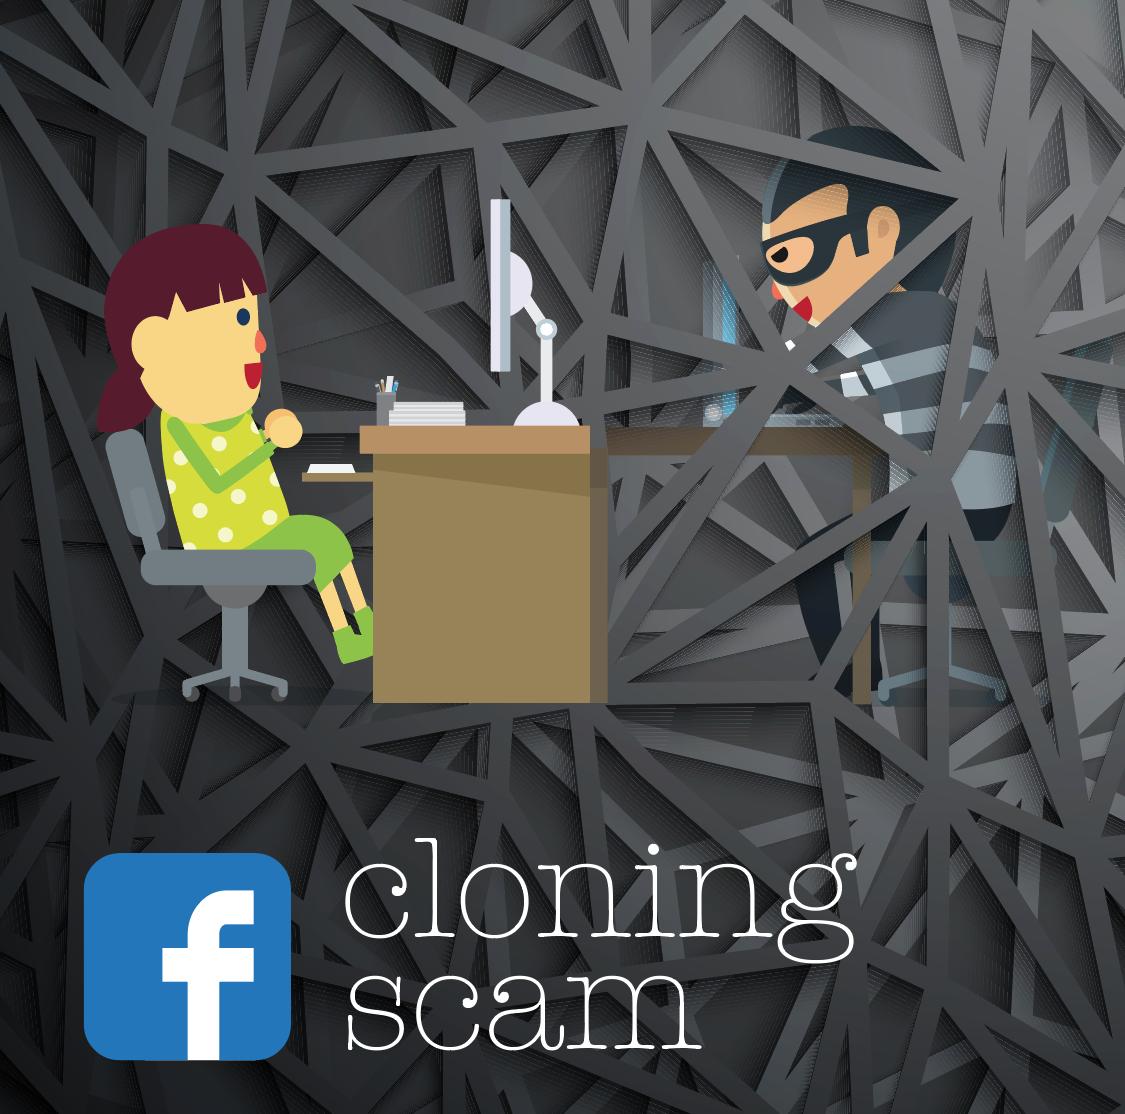 facebook cloning scam